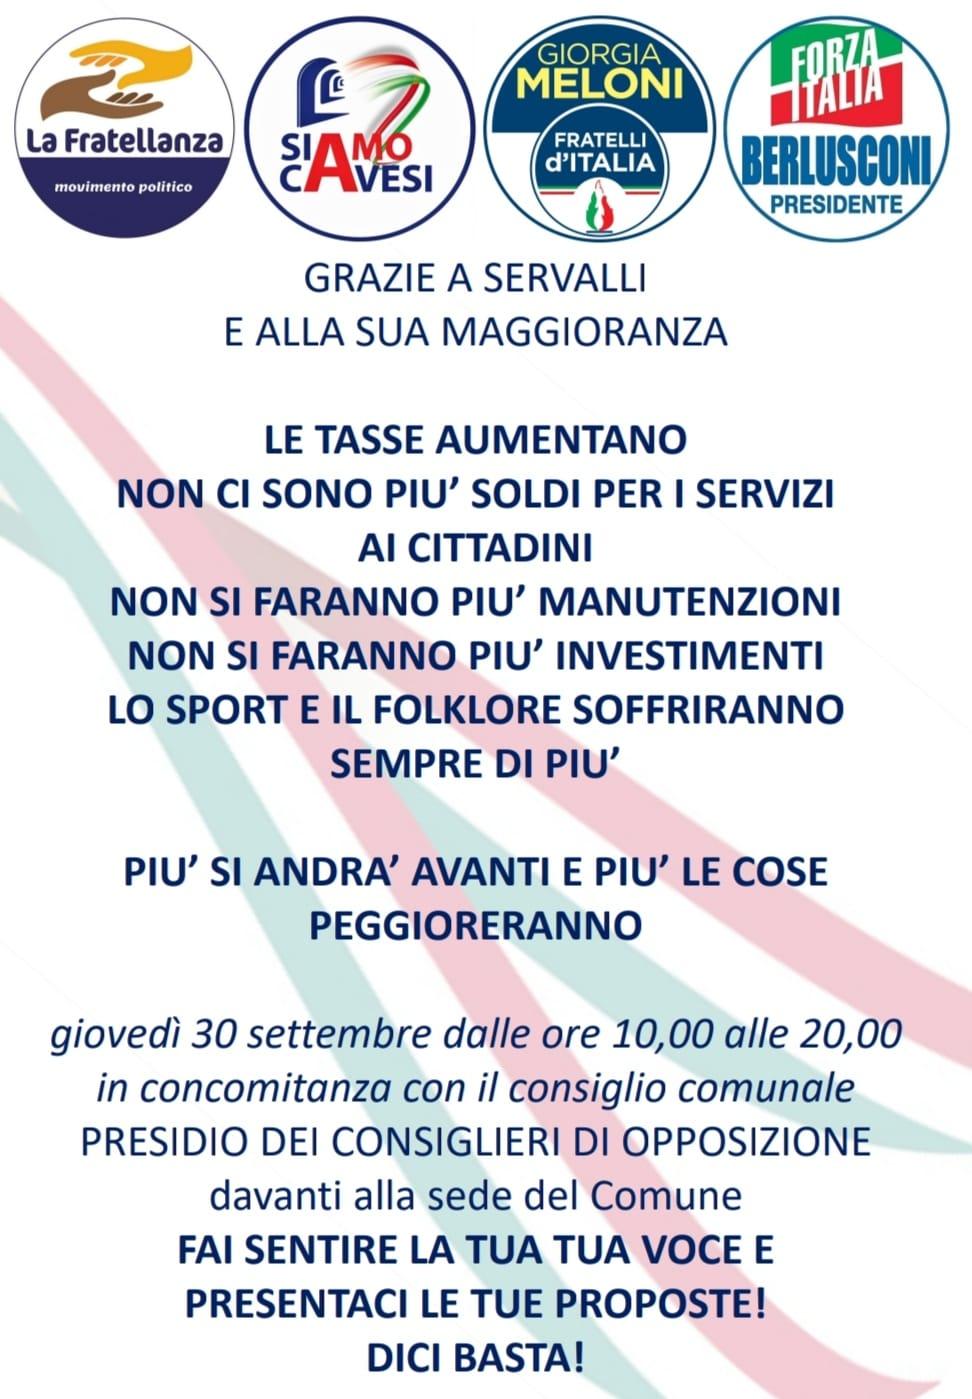 Cava de' Tirreni, l'opposizione in piazza contro l'Amministrazione Servalli e i rincari delle tariffe